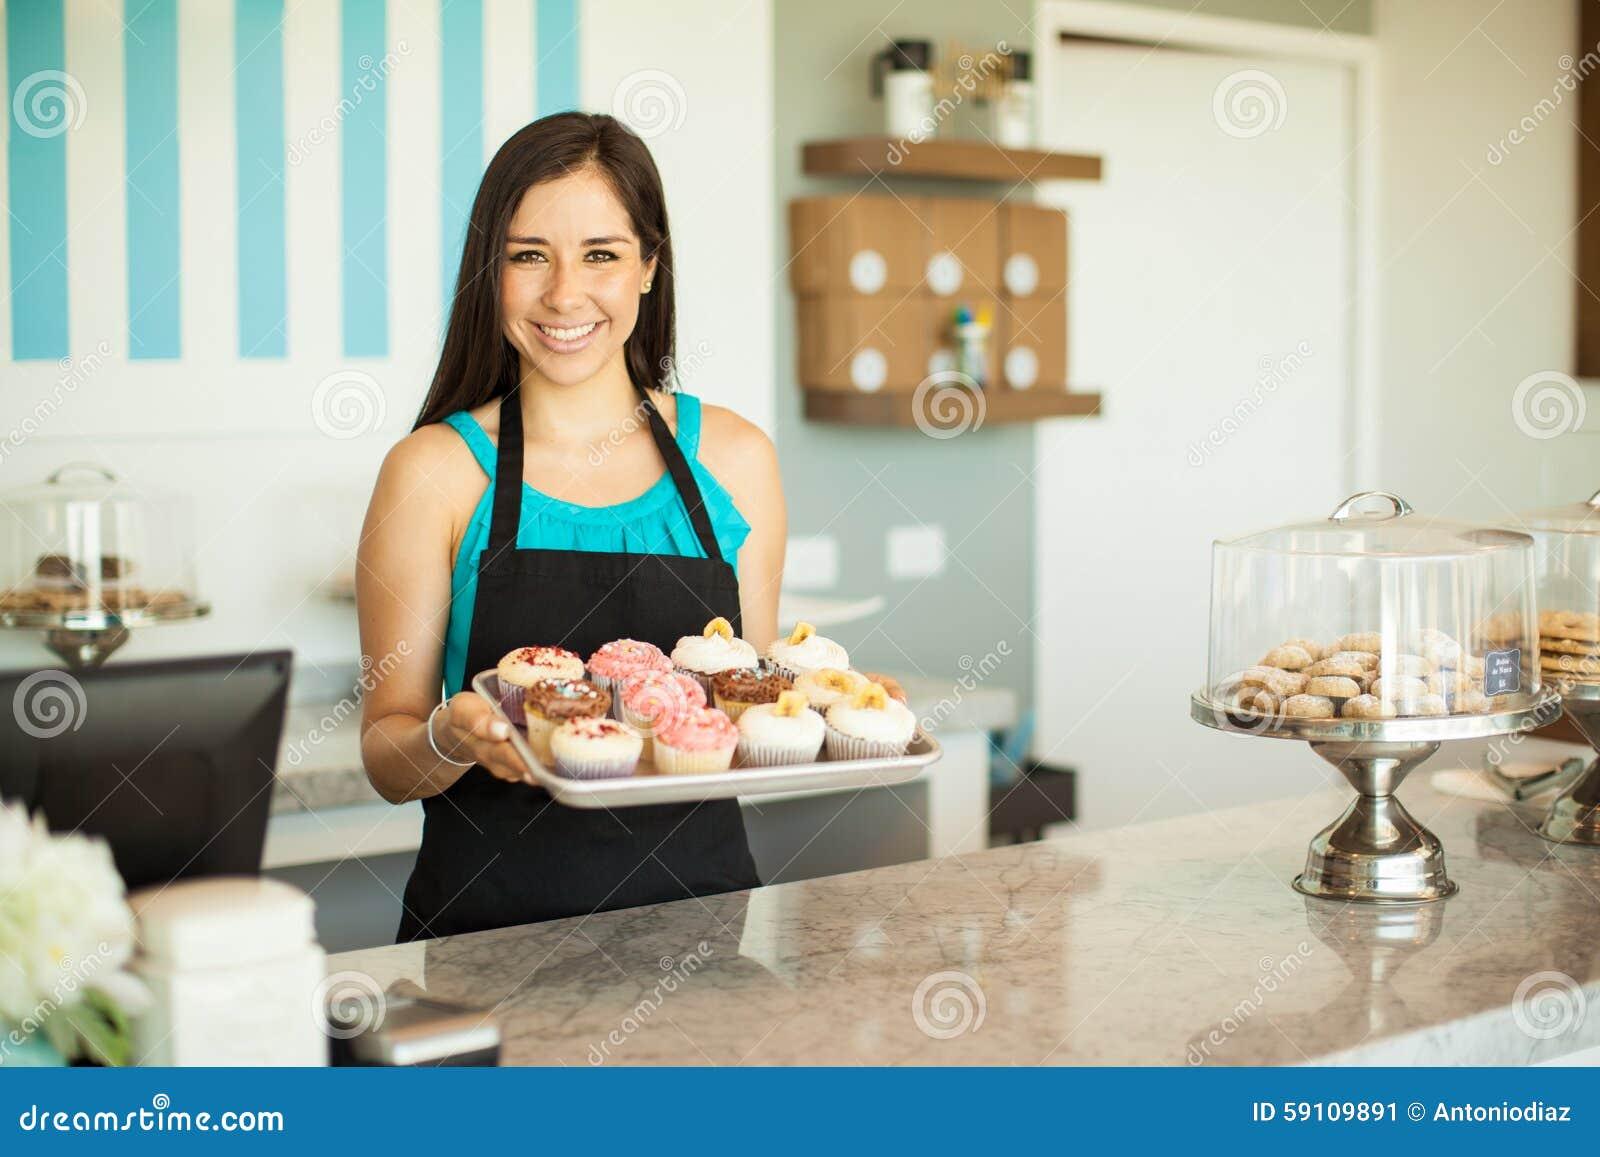 卖杯形蛋糕的华美的妇女